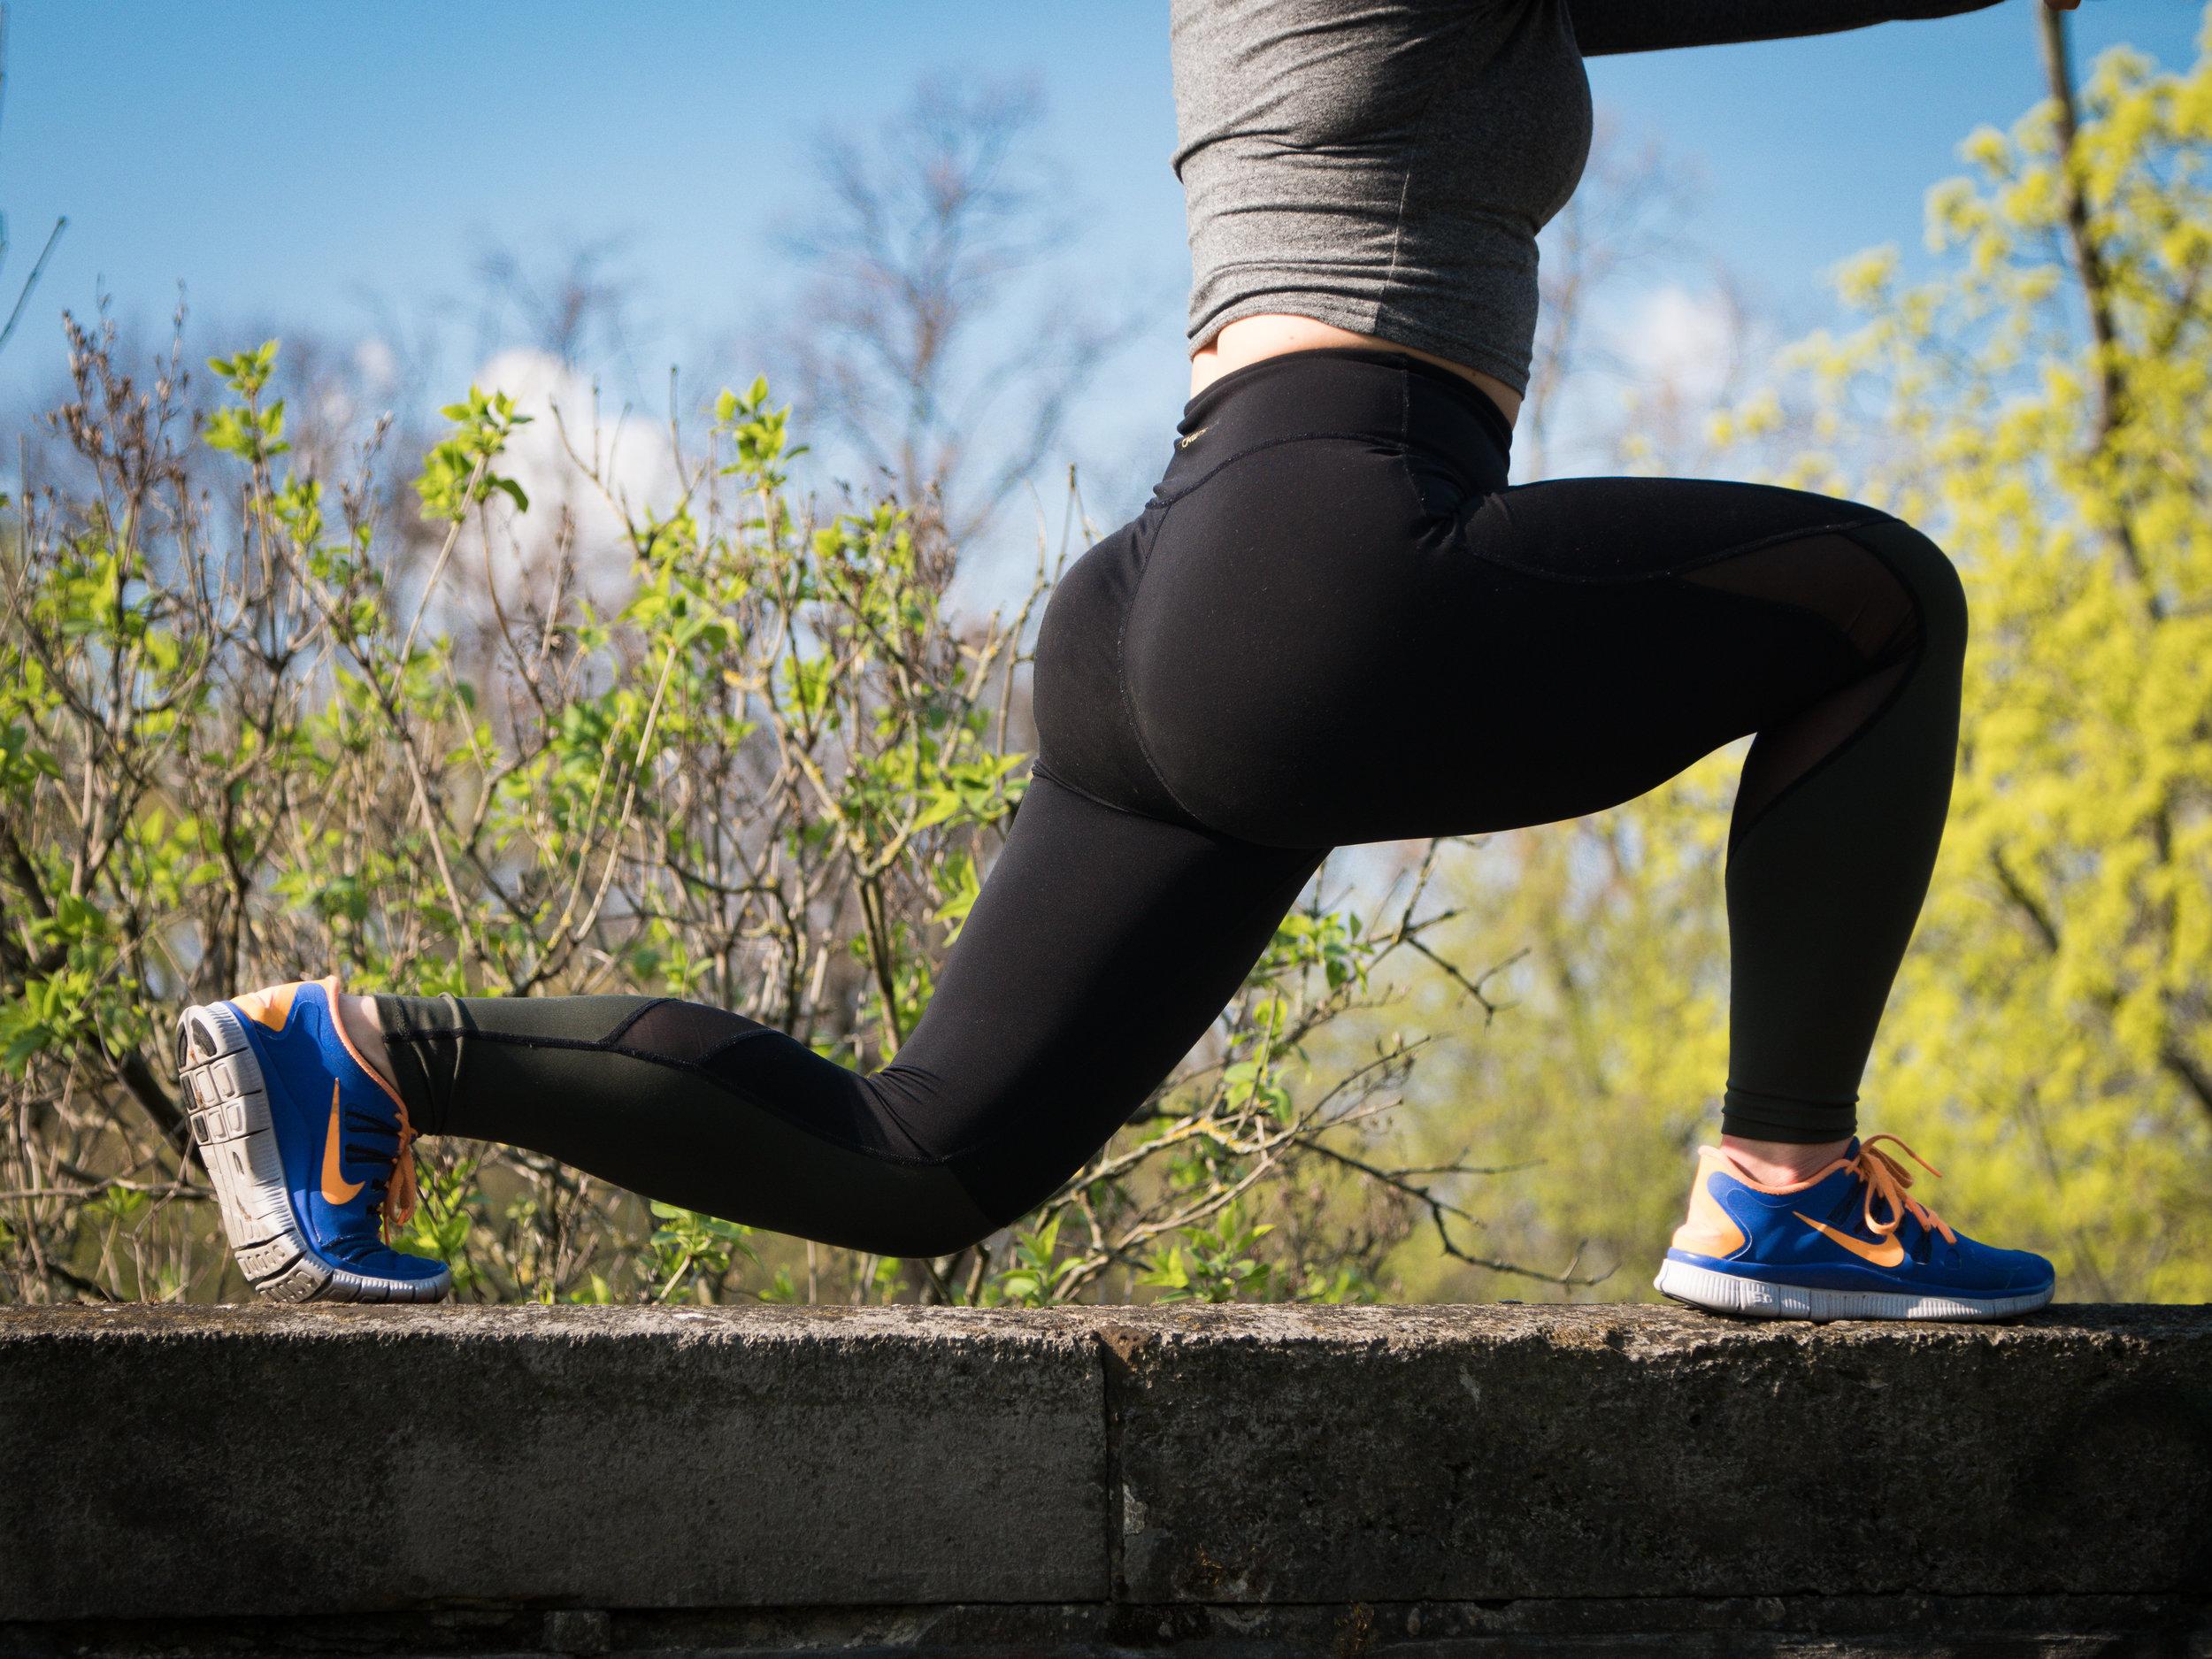 Ausfallschritte als effektive Übung mit dem eigenen Körpergewicht.